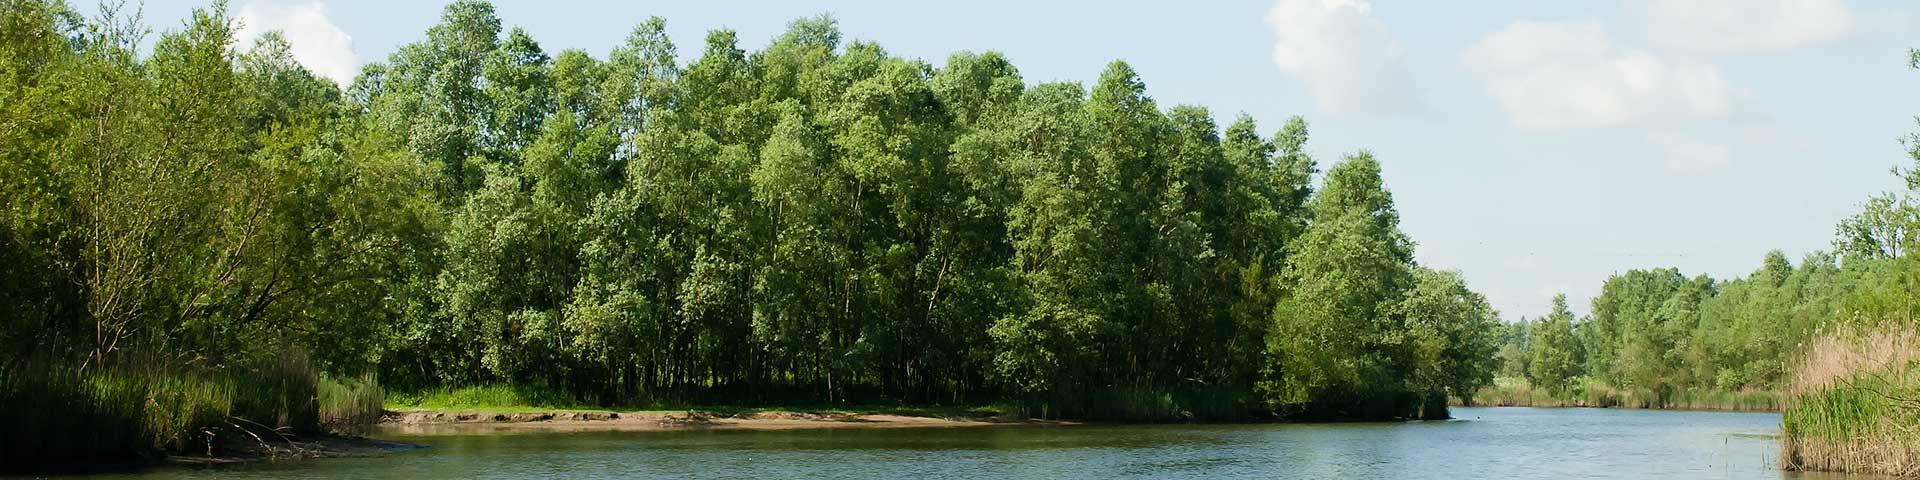 Botenverhuur in de Biesbosch